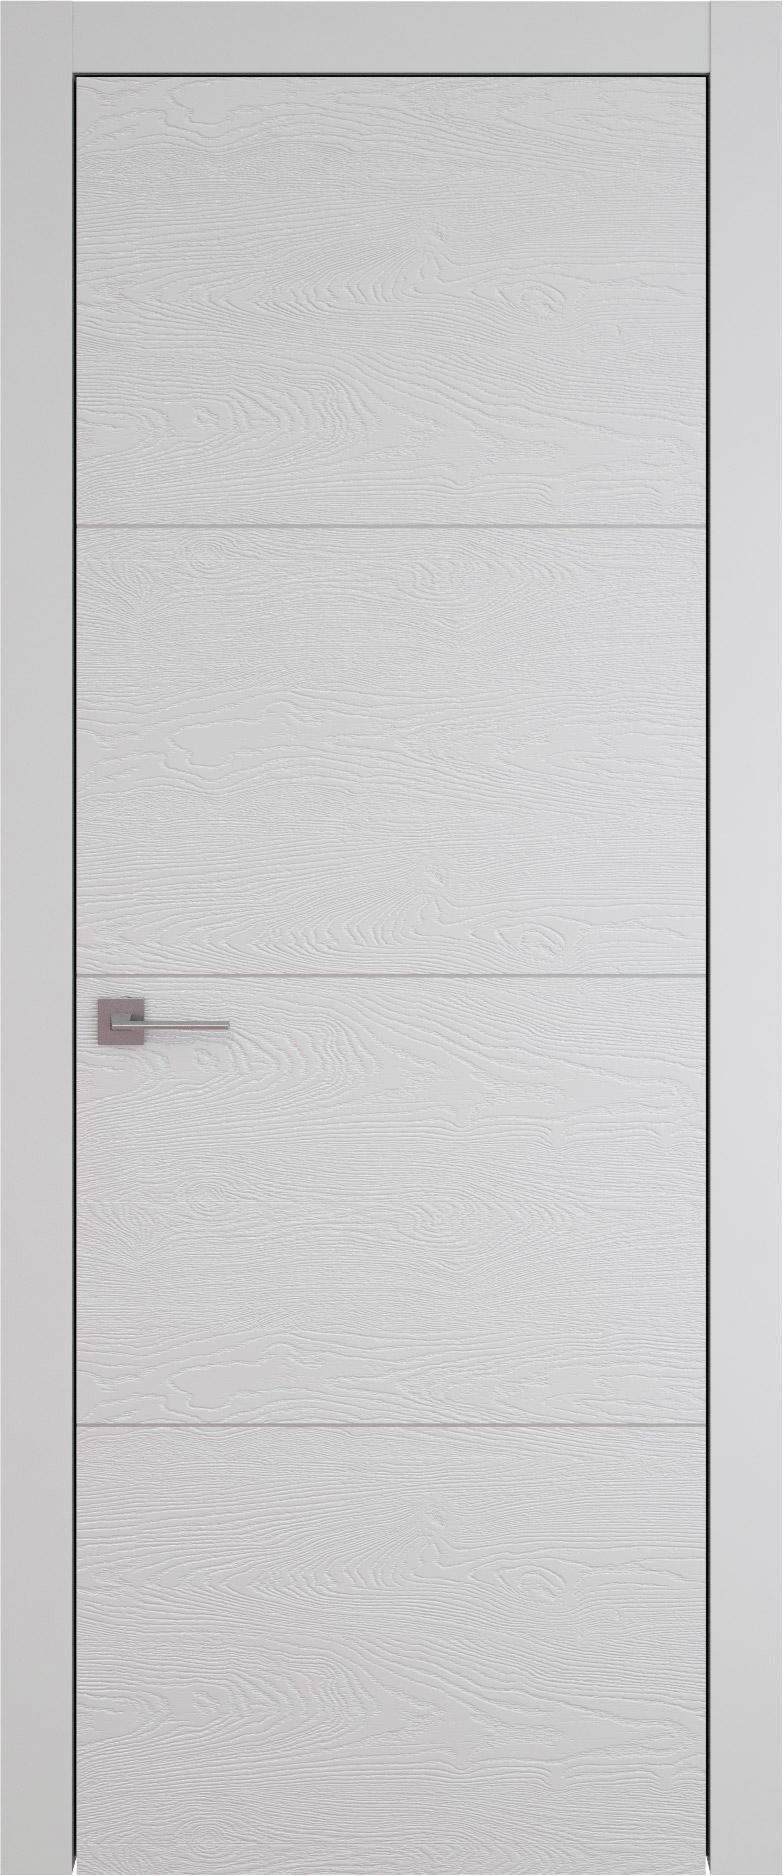 Tivoli Г-2 цвет - Серая эмаль по шпону (RAL 7047) Без стекла (ДГ)